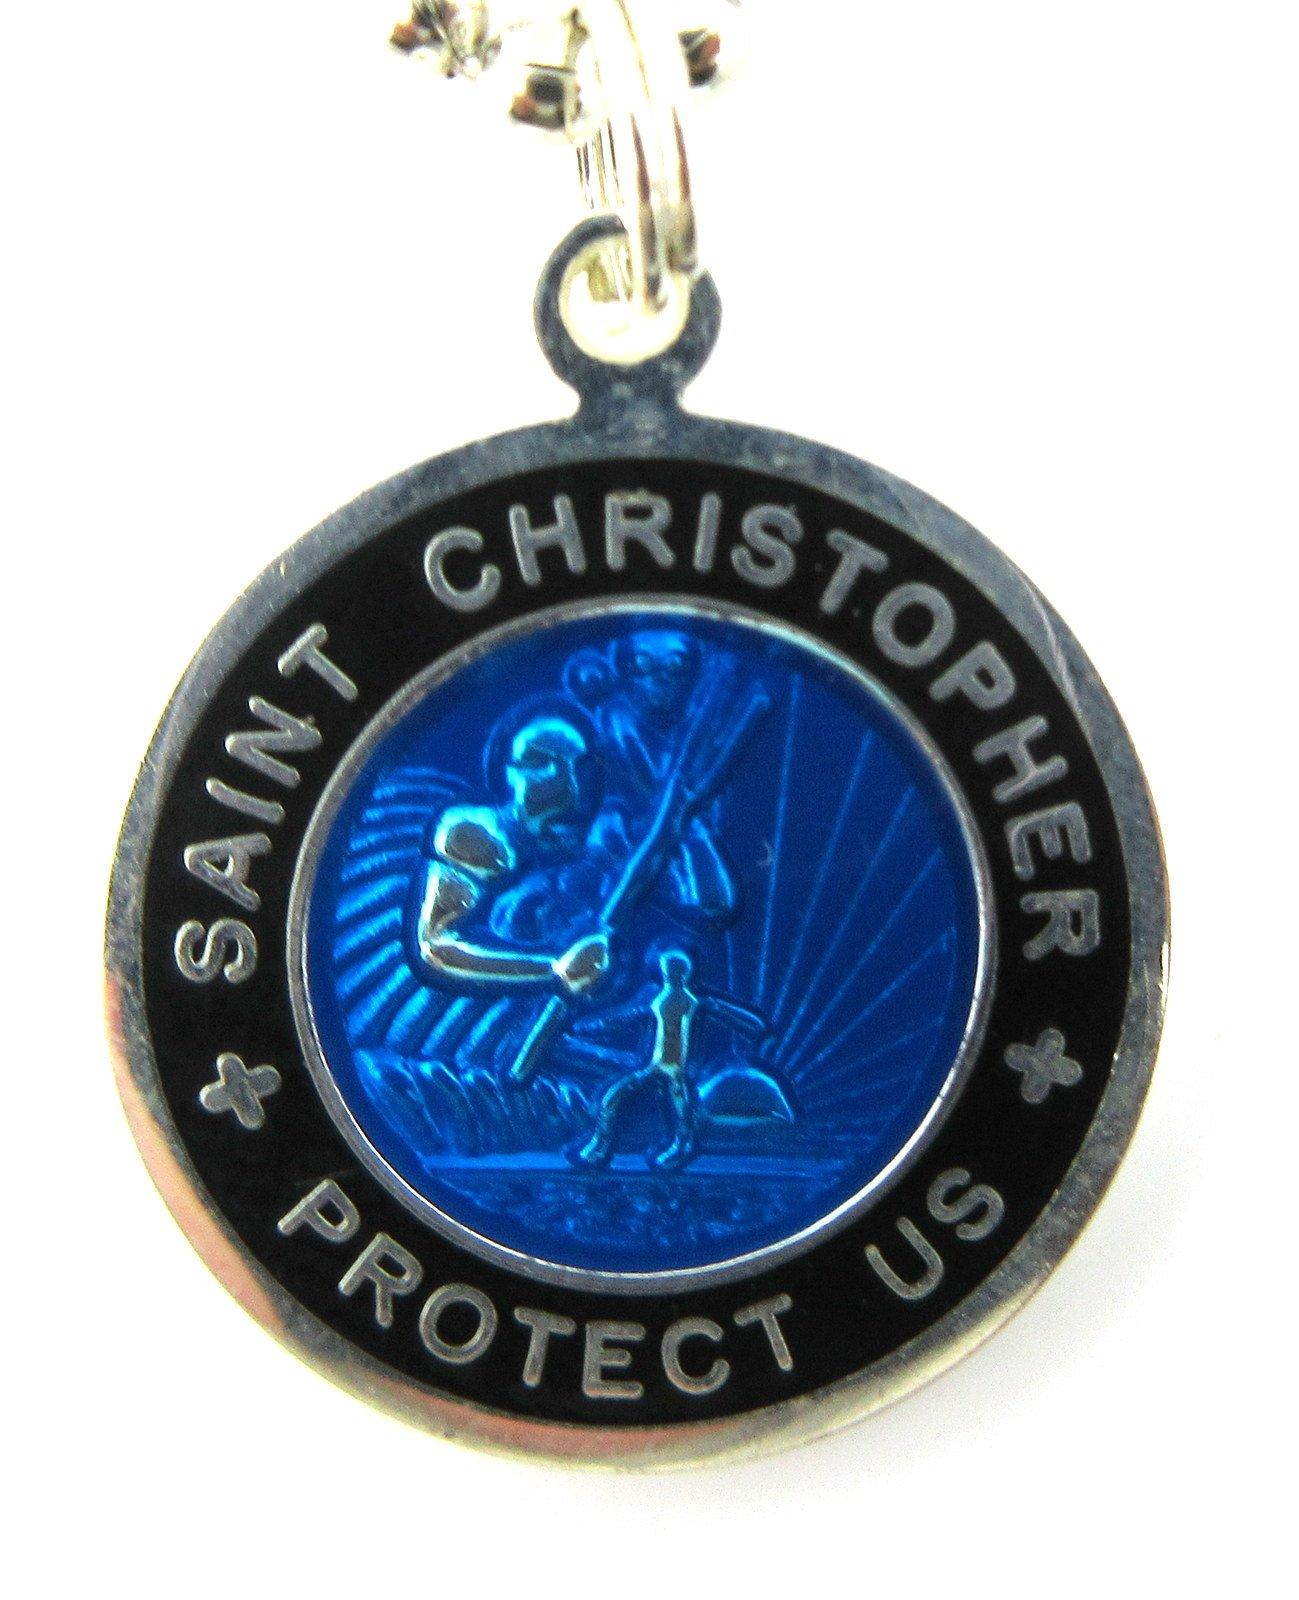 St Christopher Surf Medal Pendant Necklace,Royal Blue/Black (RB/BK) Medium by Get Back Designs